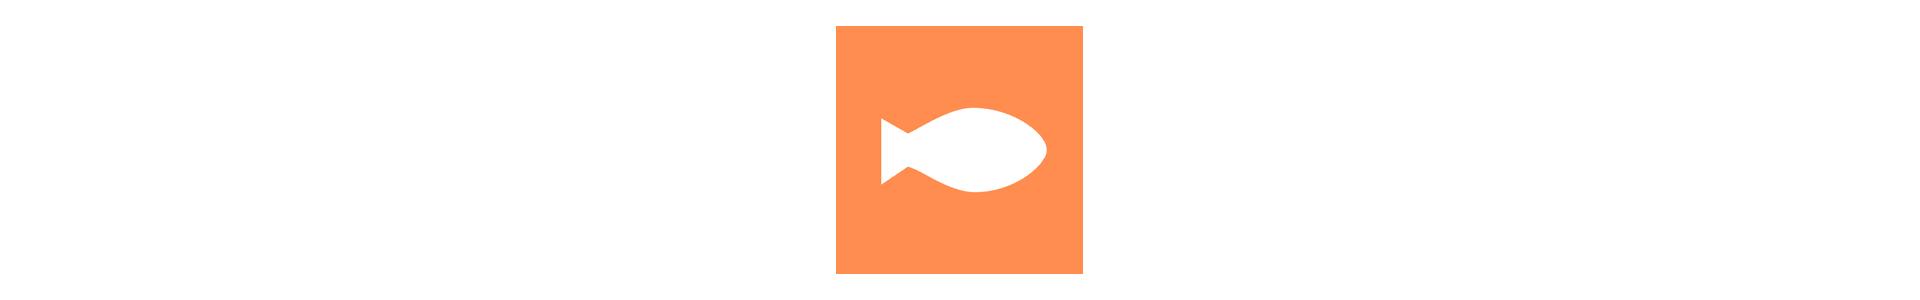 Omega 3 for men   Super EPA fish oil